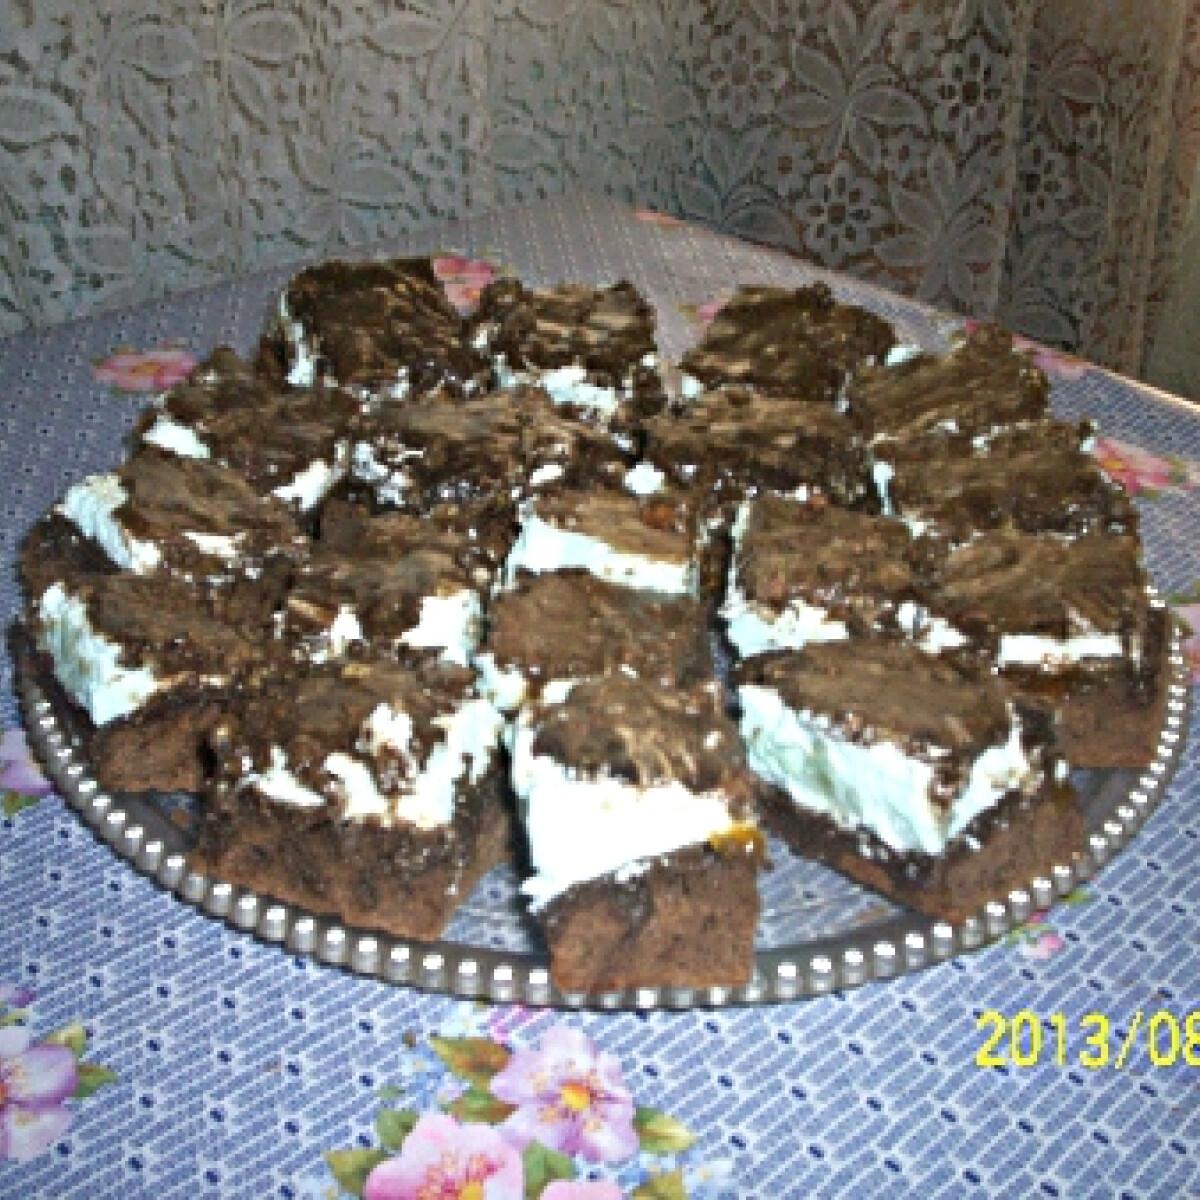 Csoki kocka másként Gabimami konyhájából